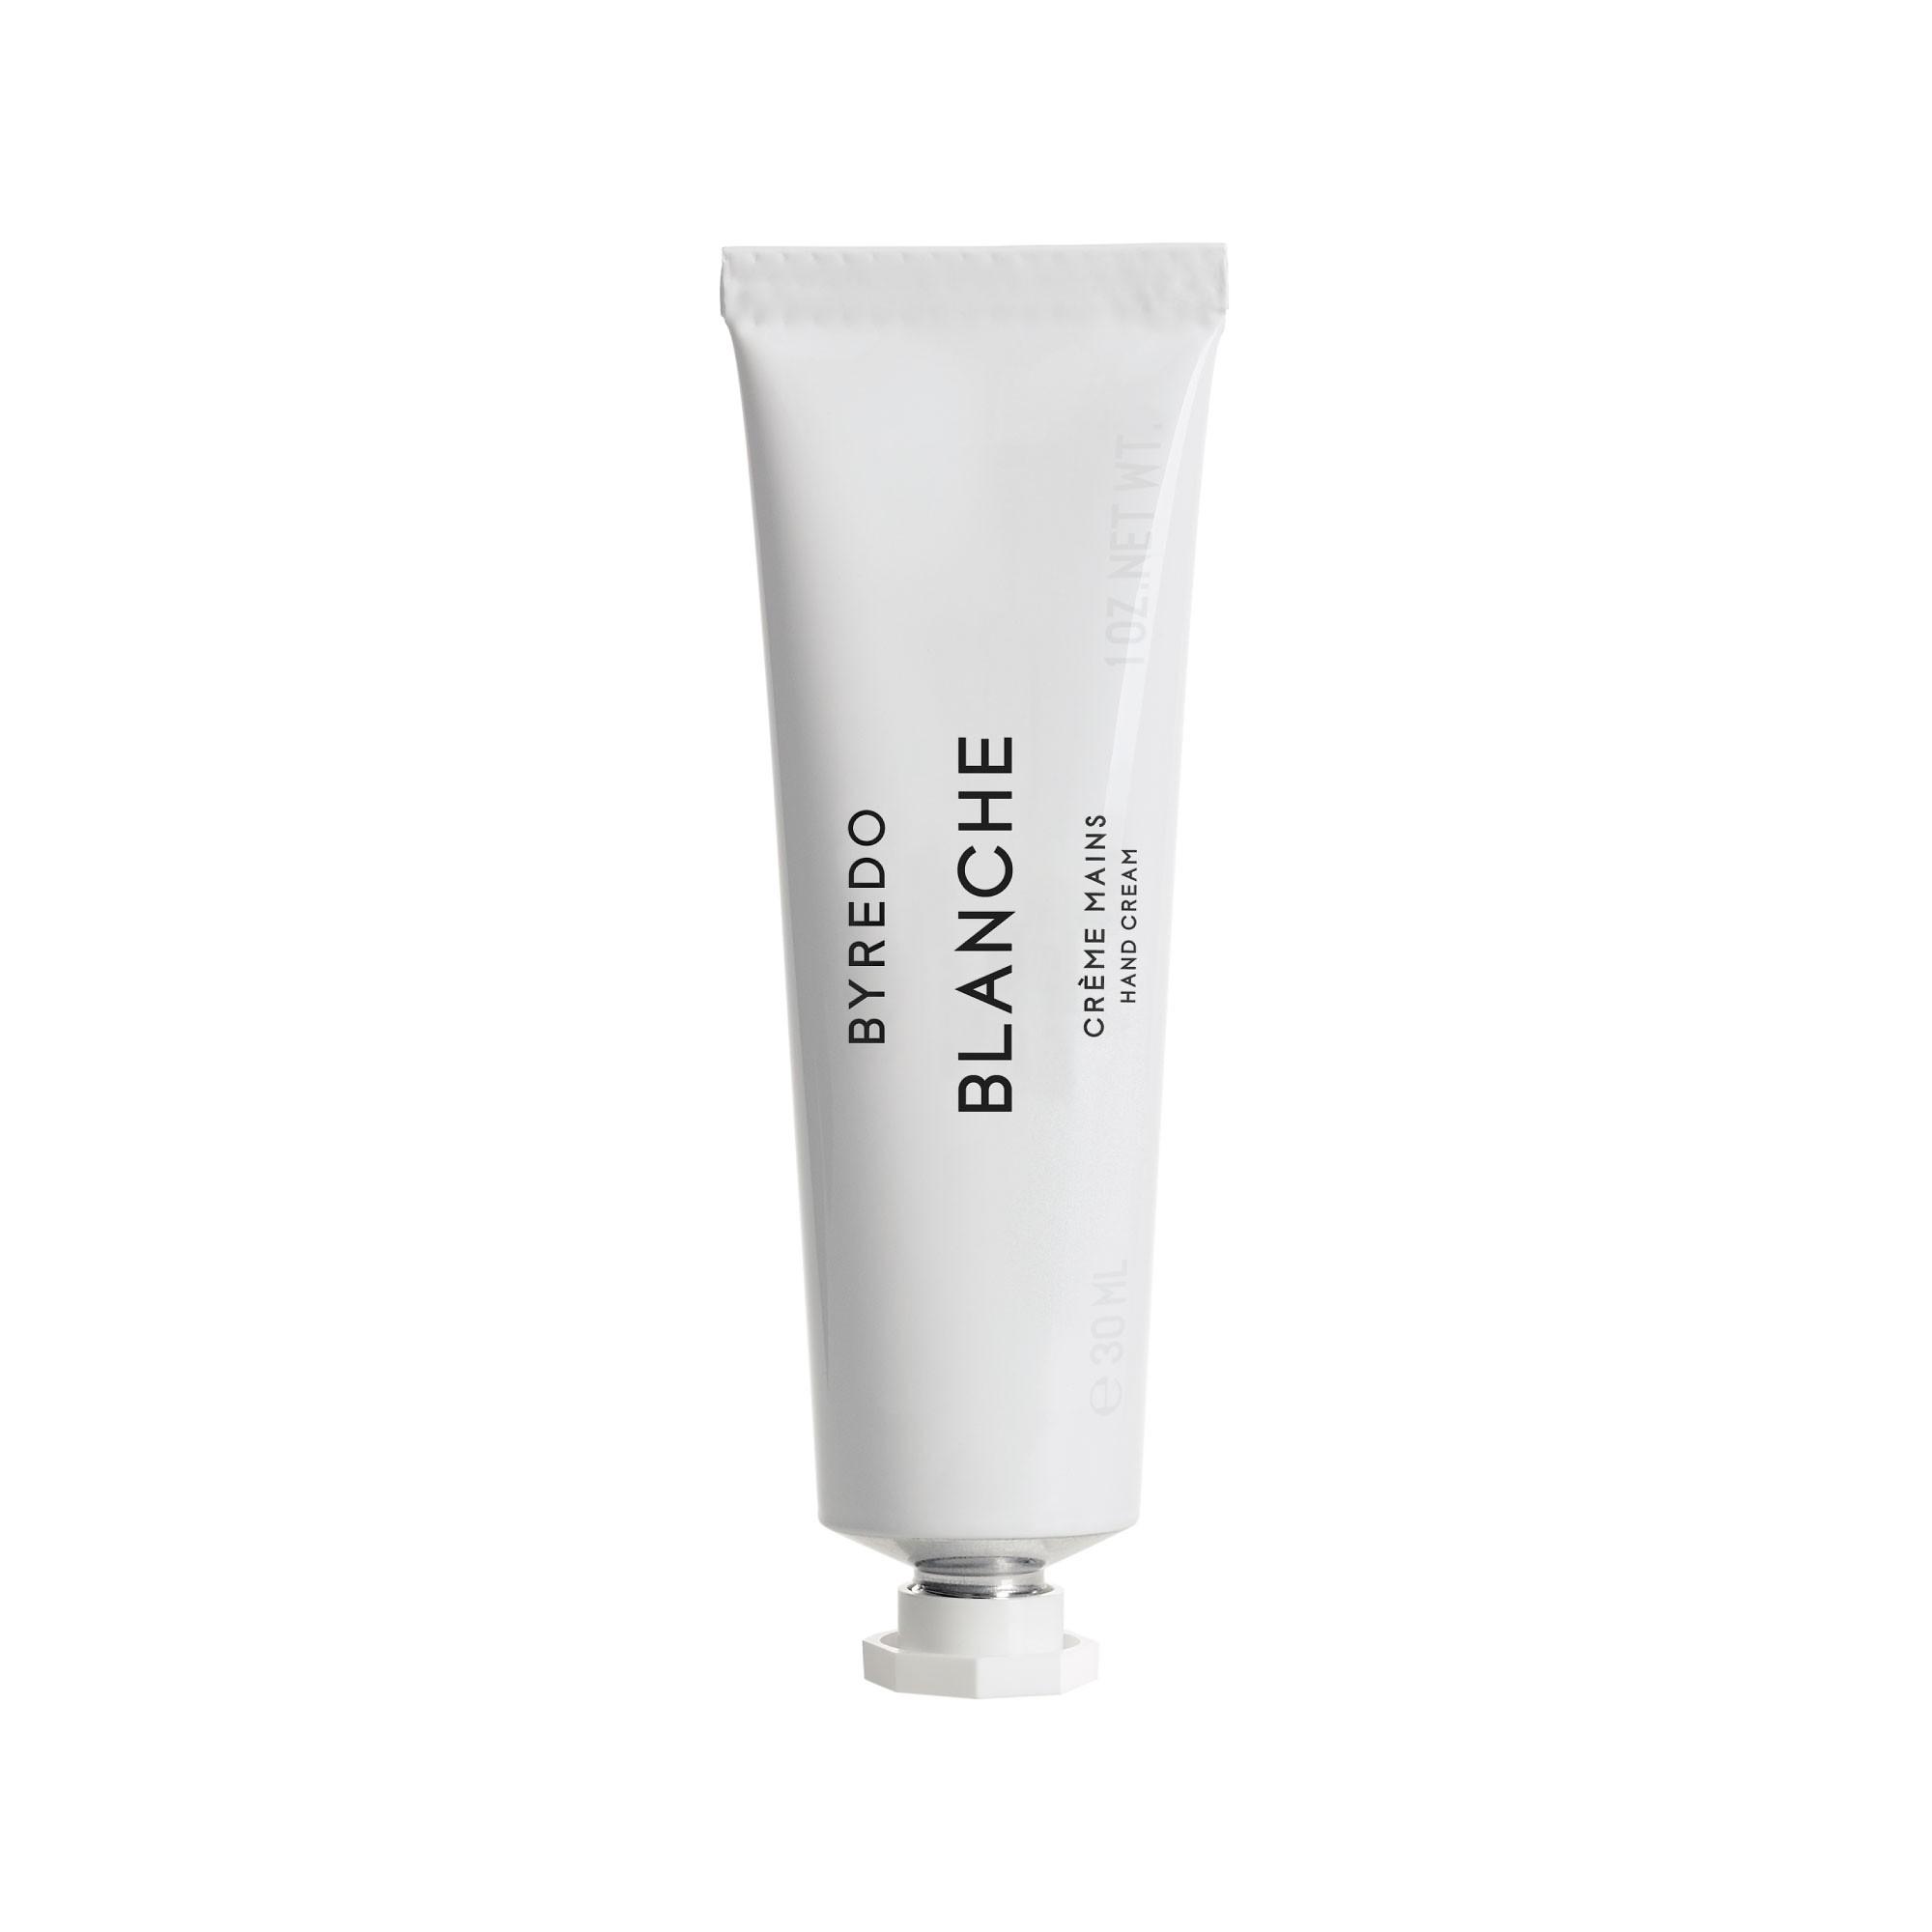 护手霜 Blanche Hand Cream 30ml